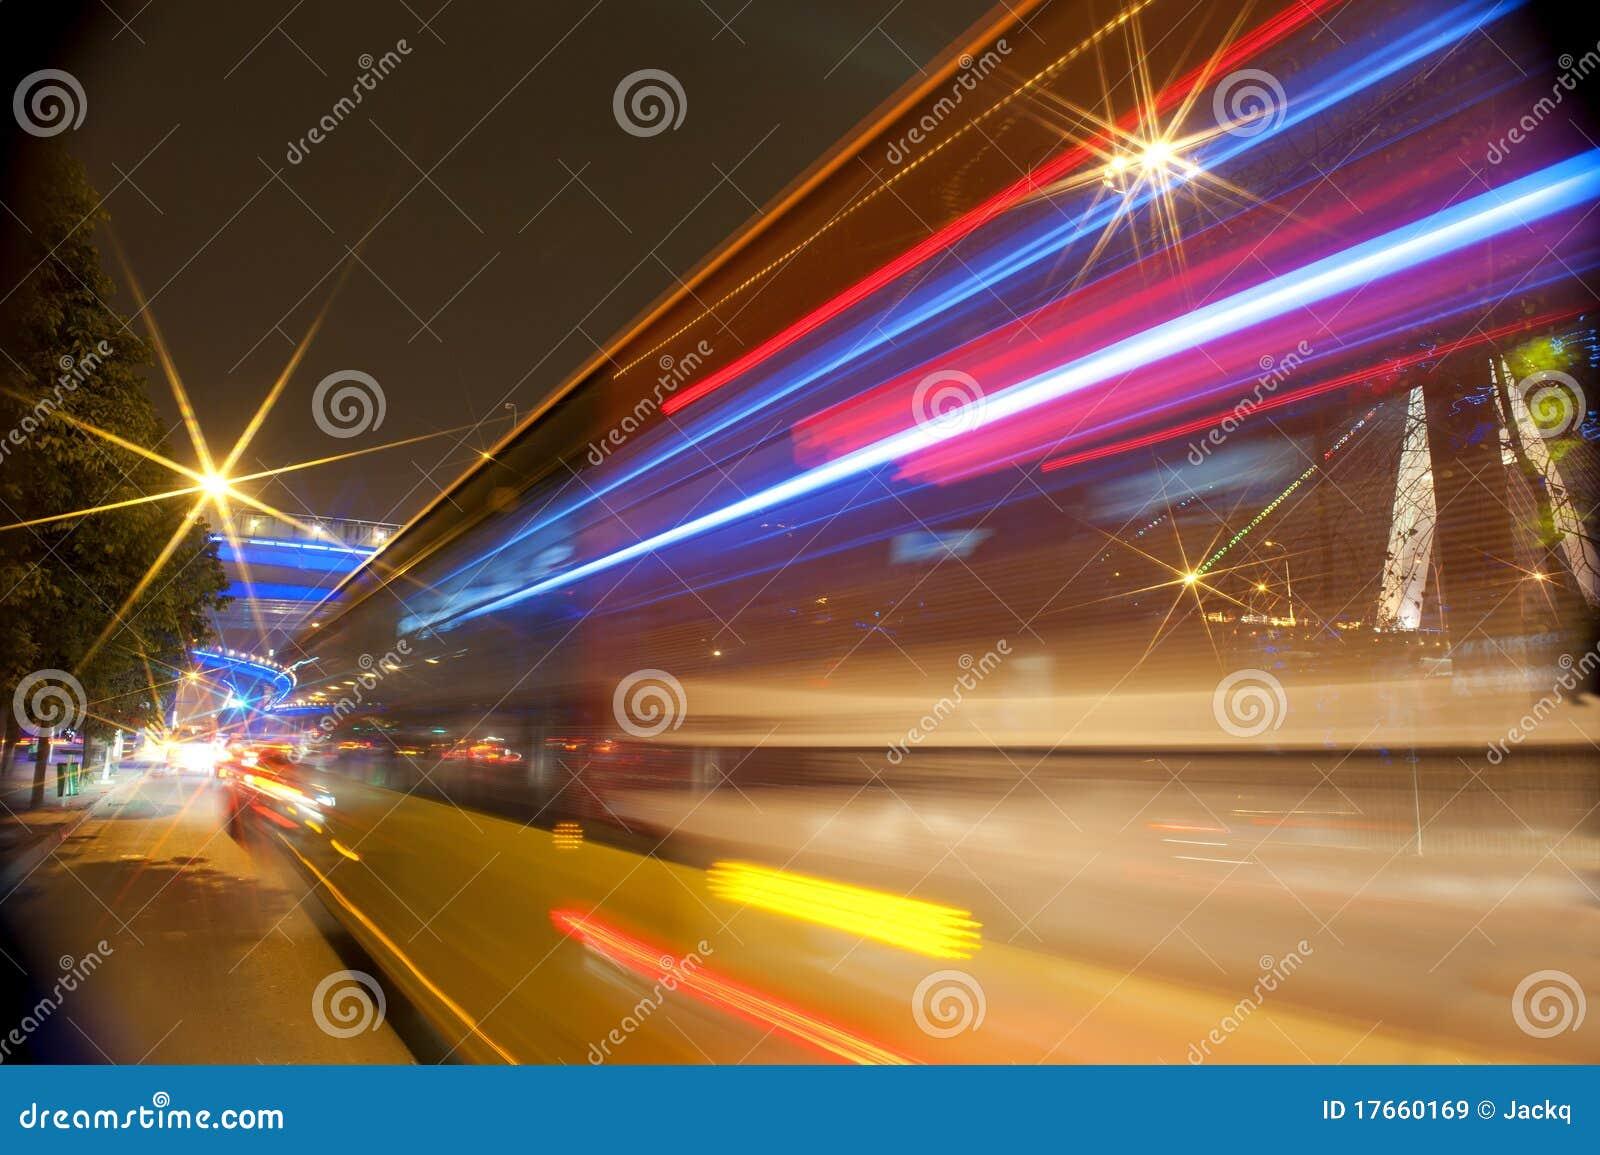 запачканные высокие дороги быстро проходят корабли тропок урбанские